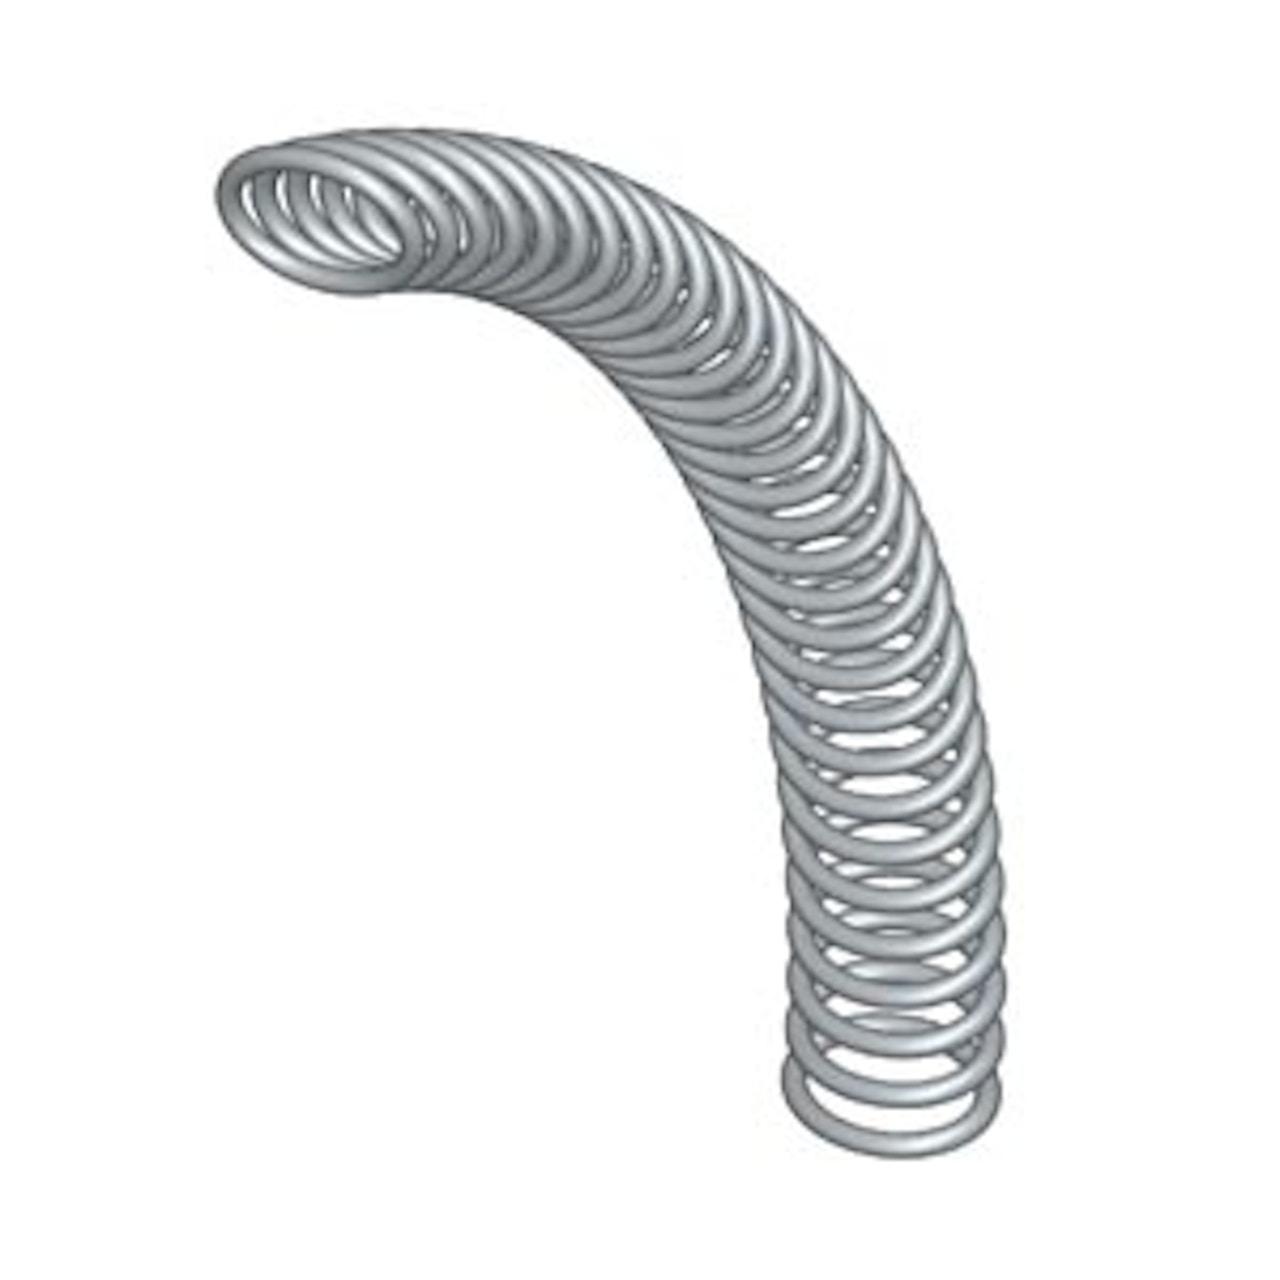 slant coil spring